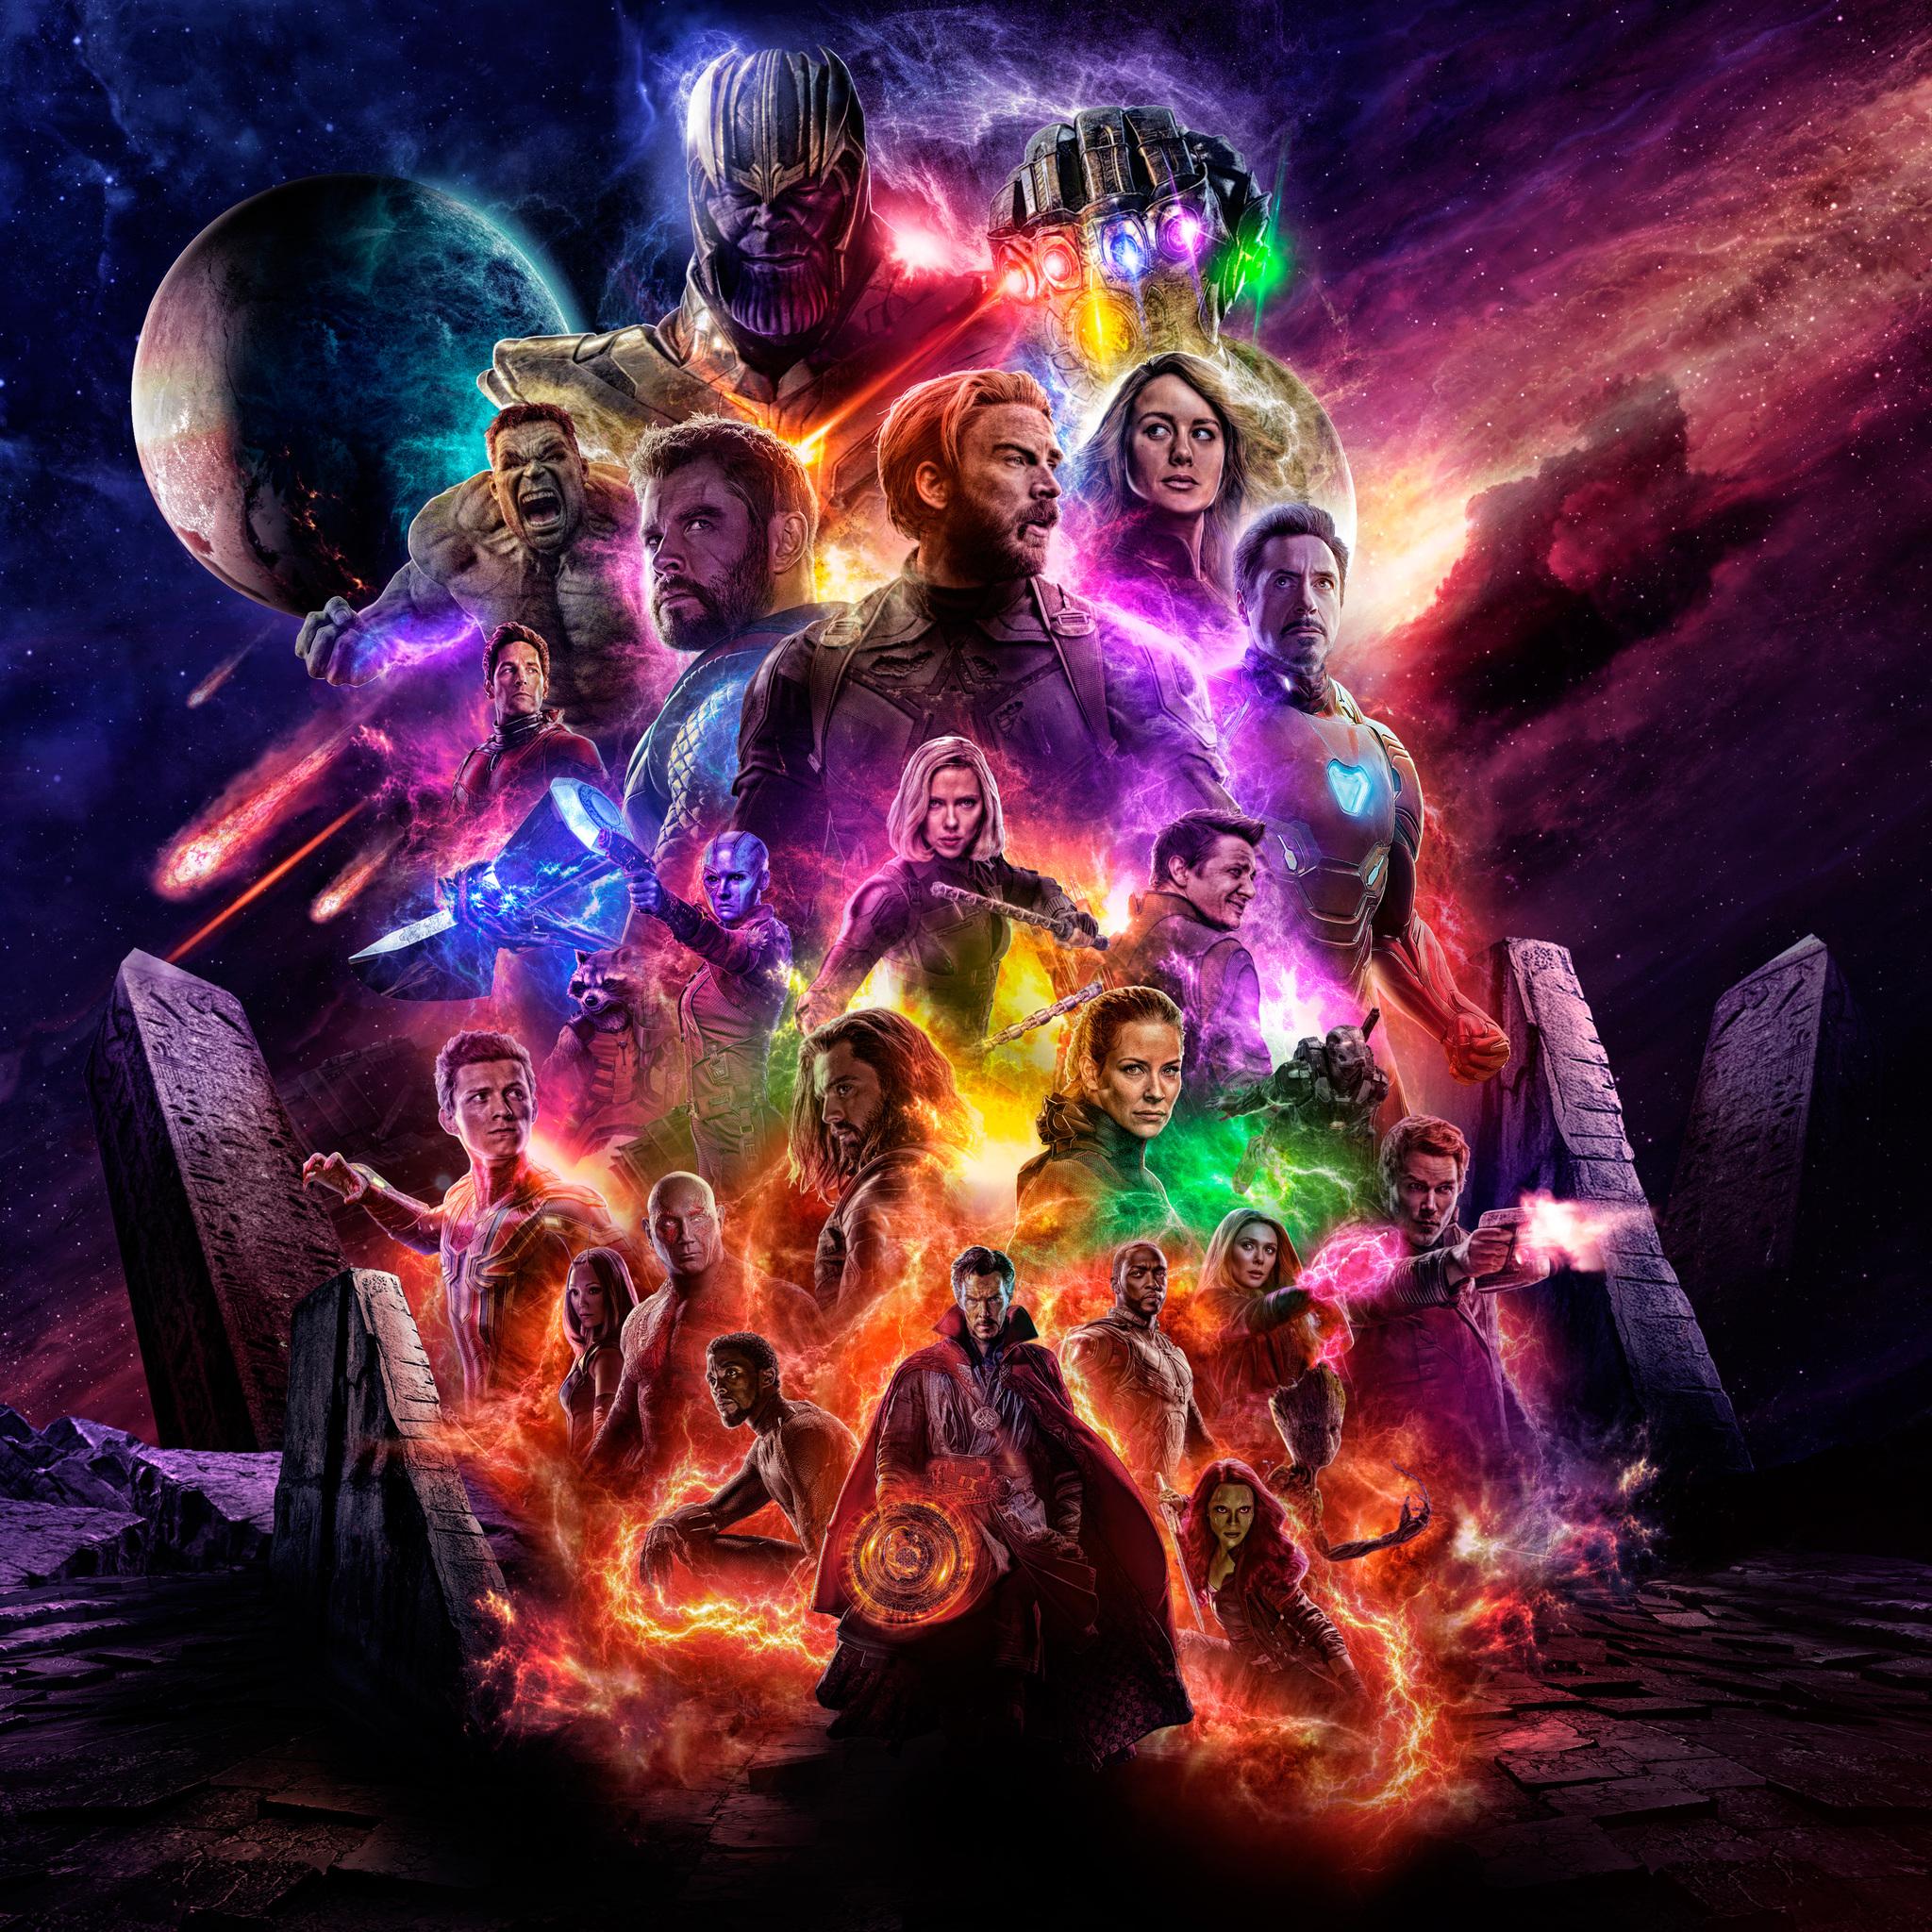 2048x2048 Avengers 4 Offical Poster Artwork 2019 5k Ipad